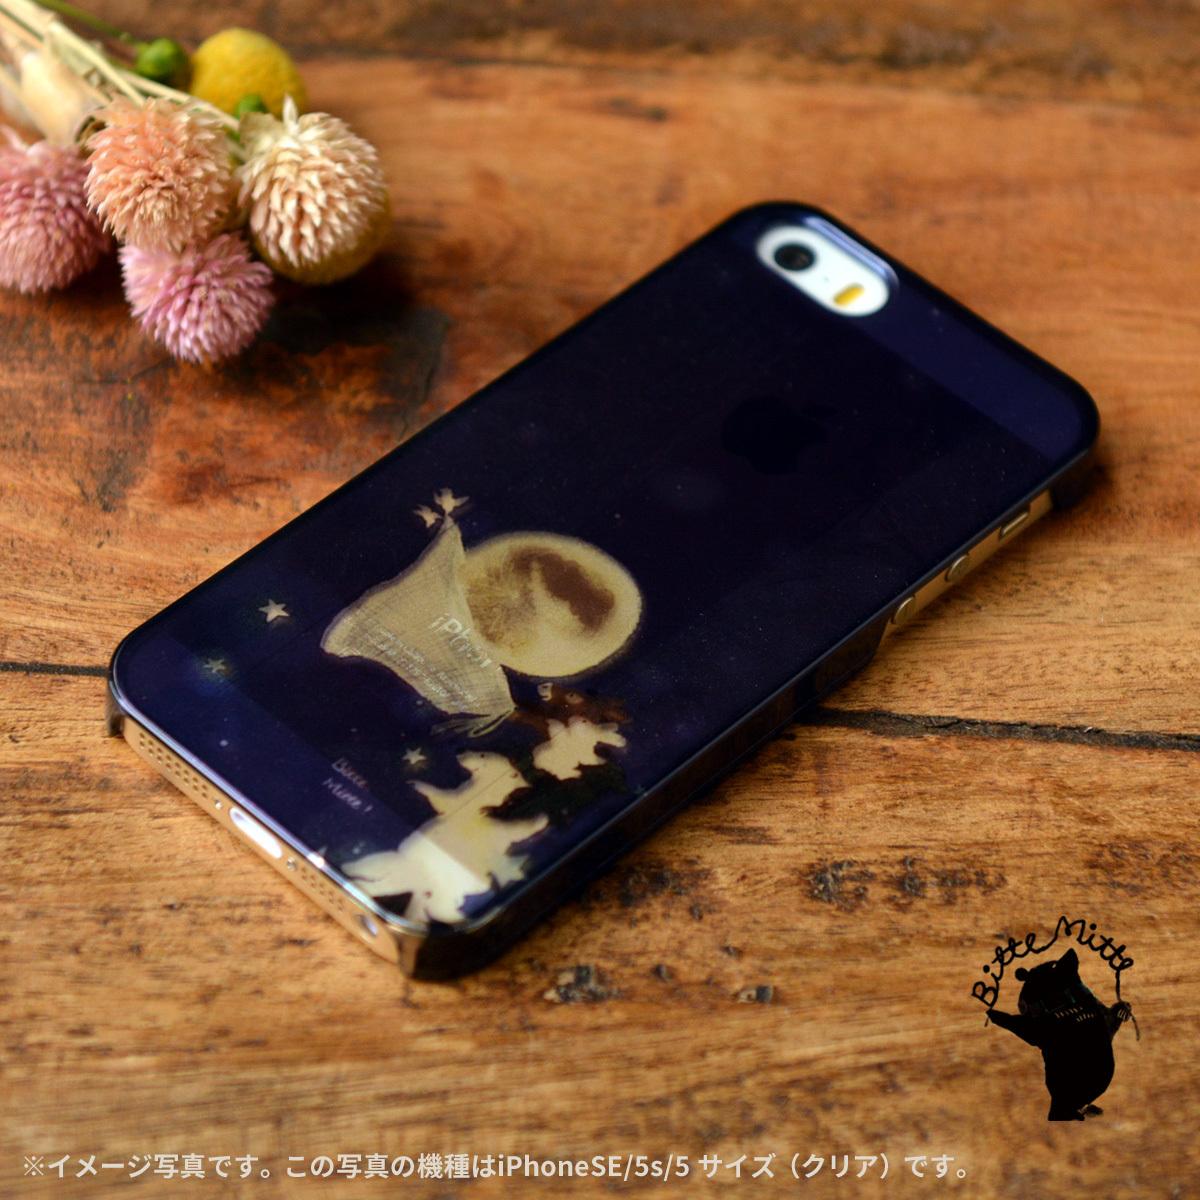 【BASE店限定】アイフォンse ケース クリア iPhoneSE クリアケース キラキラ かわいい 夜空 星空 月の収穫/Bitte Mitte!